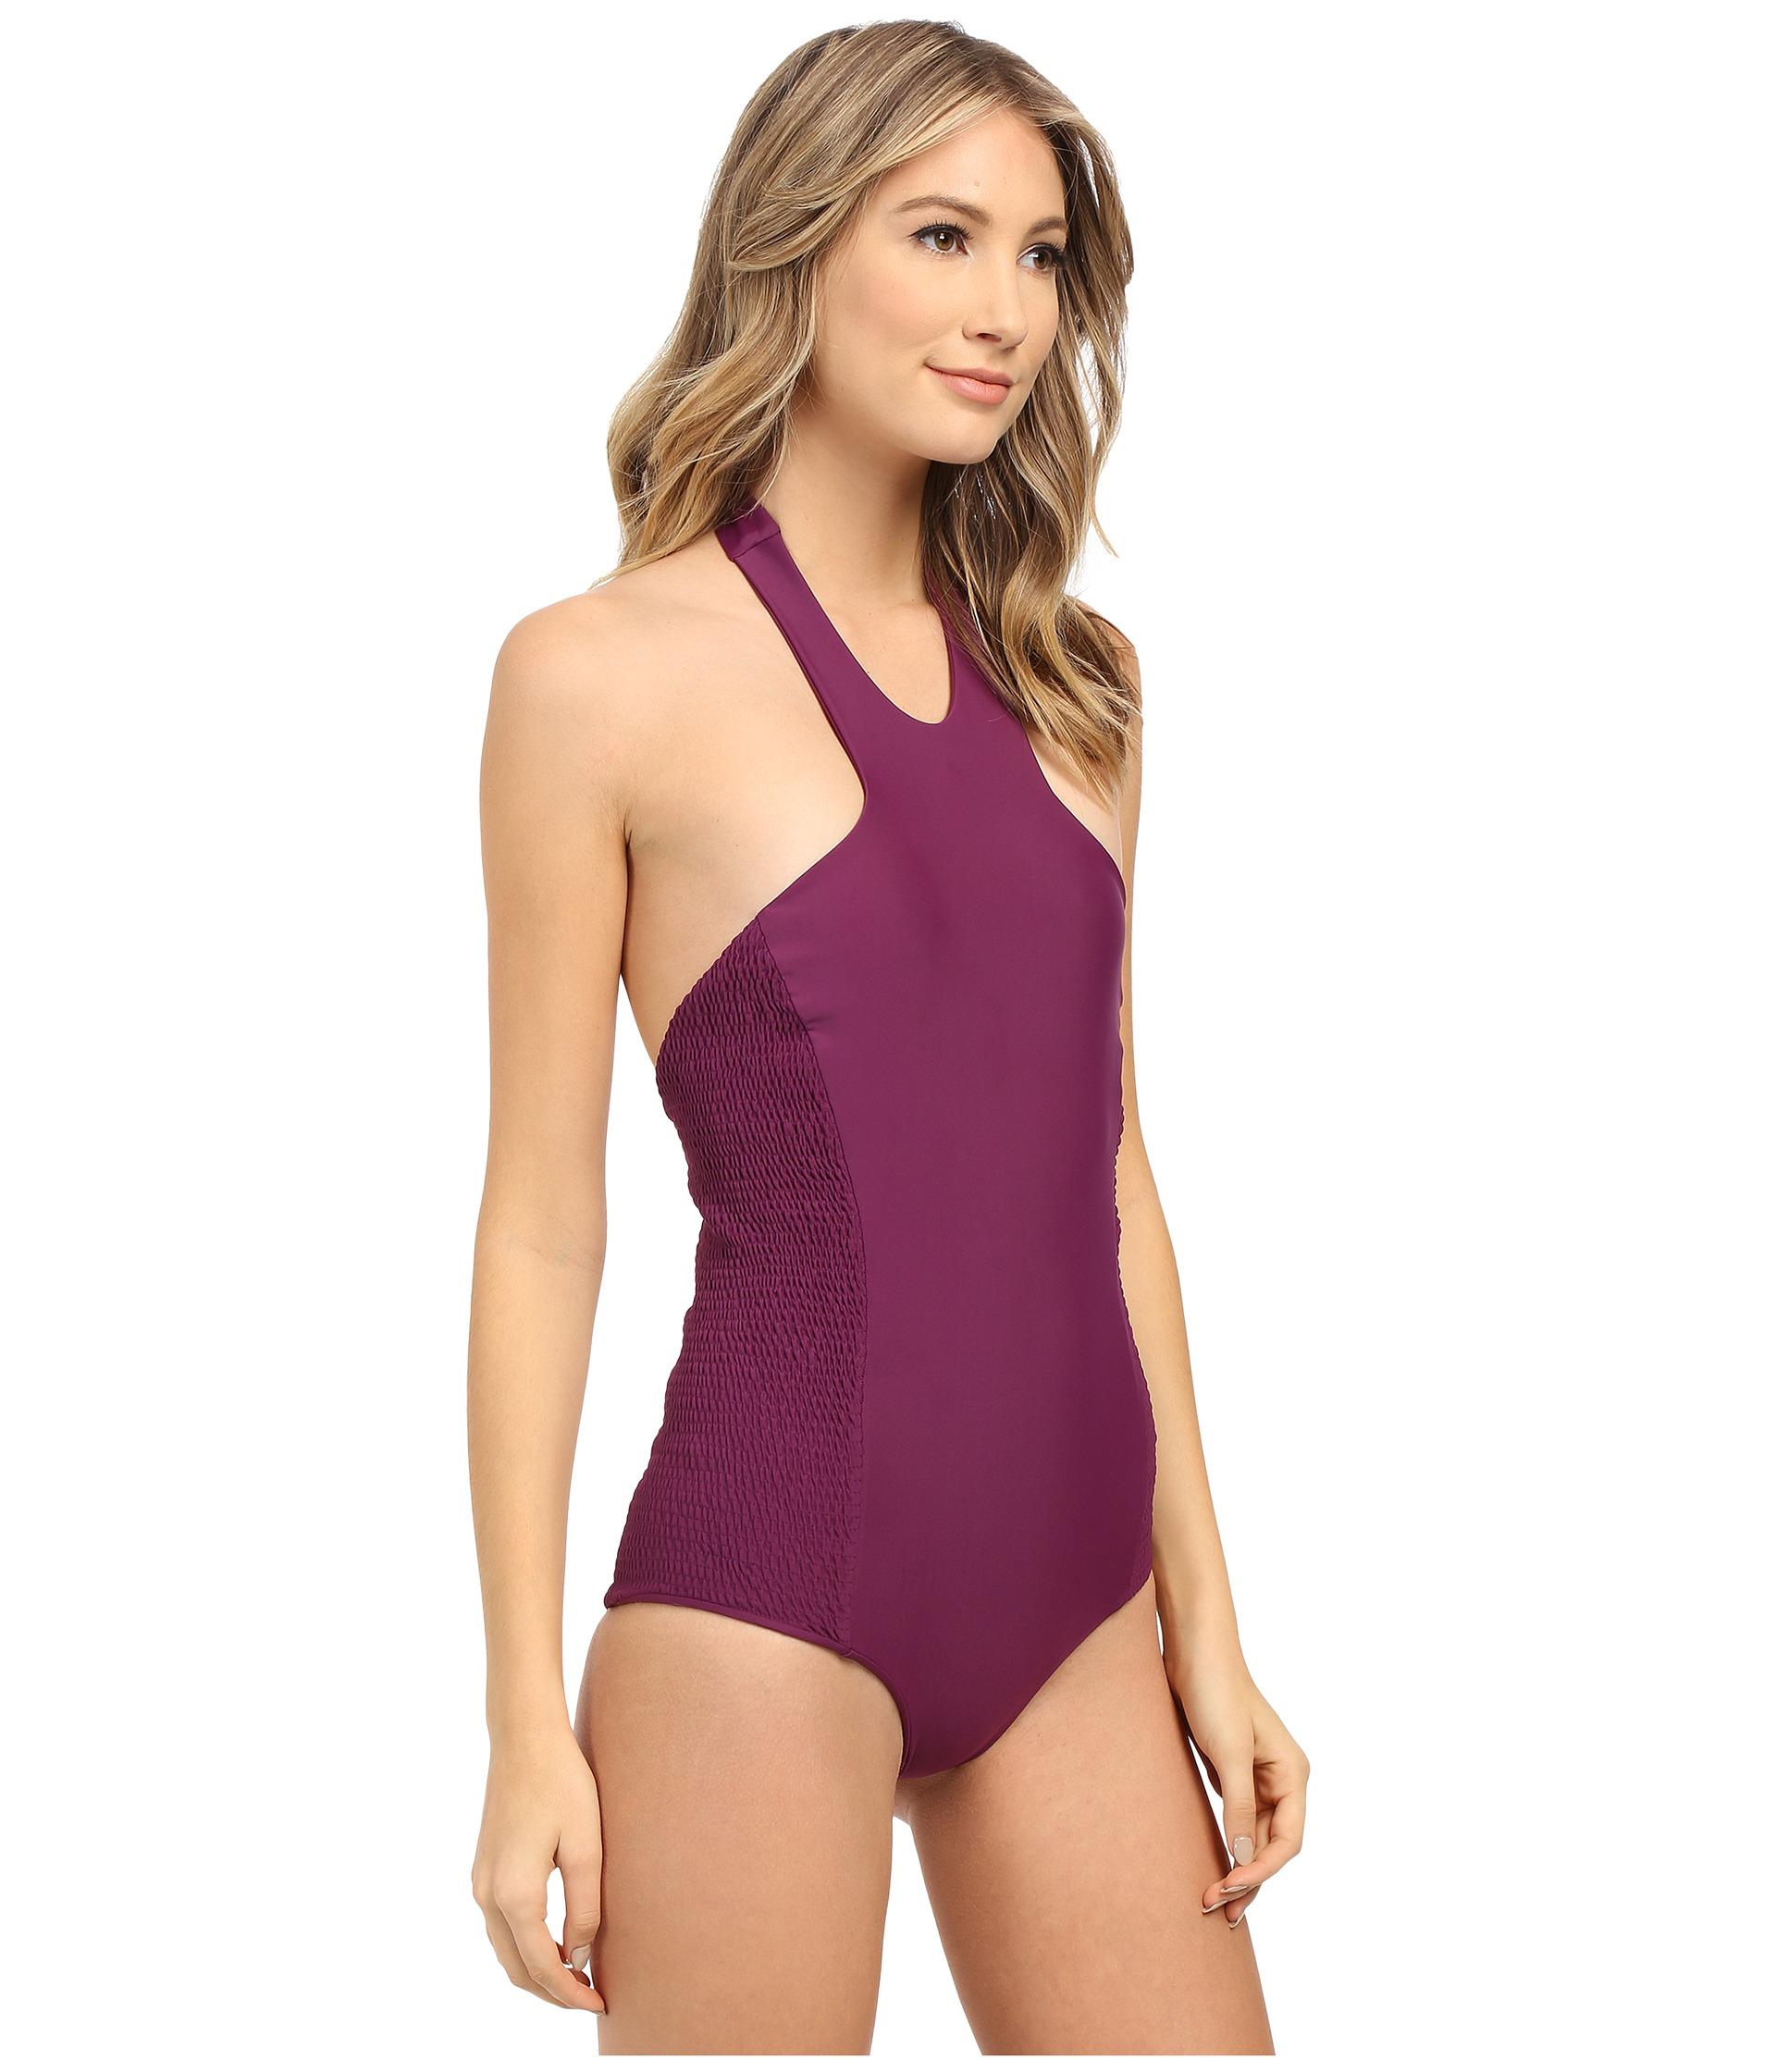 568043929a31f8 Lyst - Tori Praver Swimwear Rosarito Full Coverage in Purple